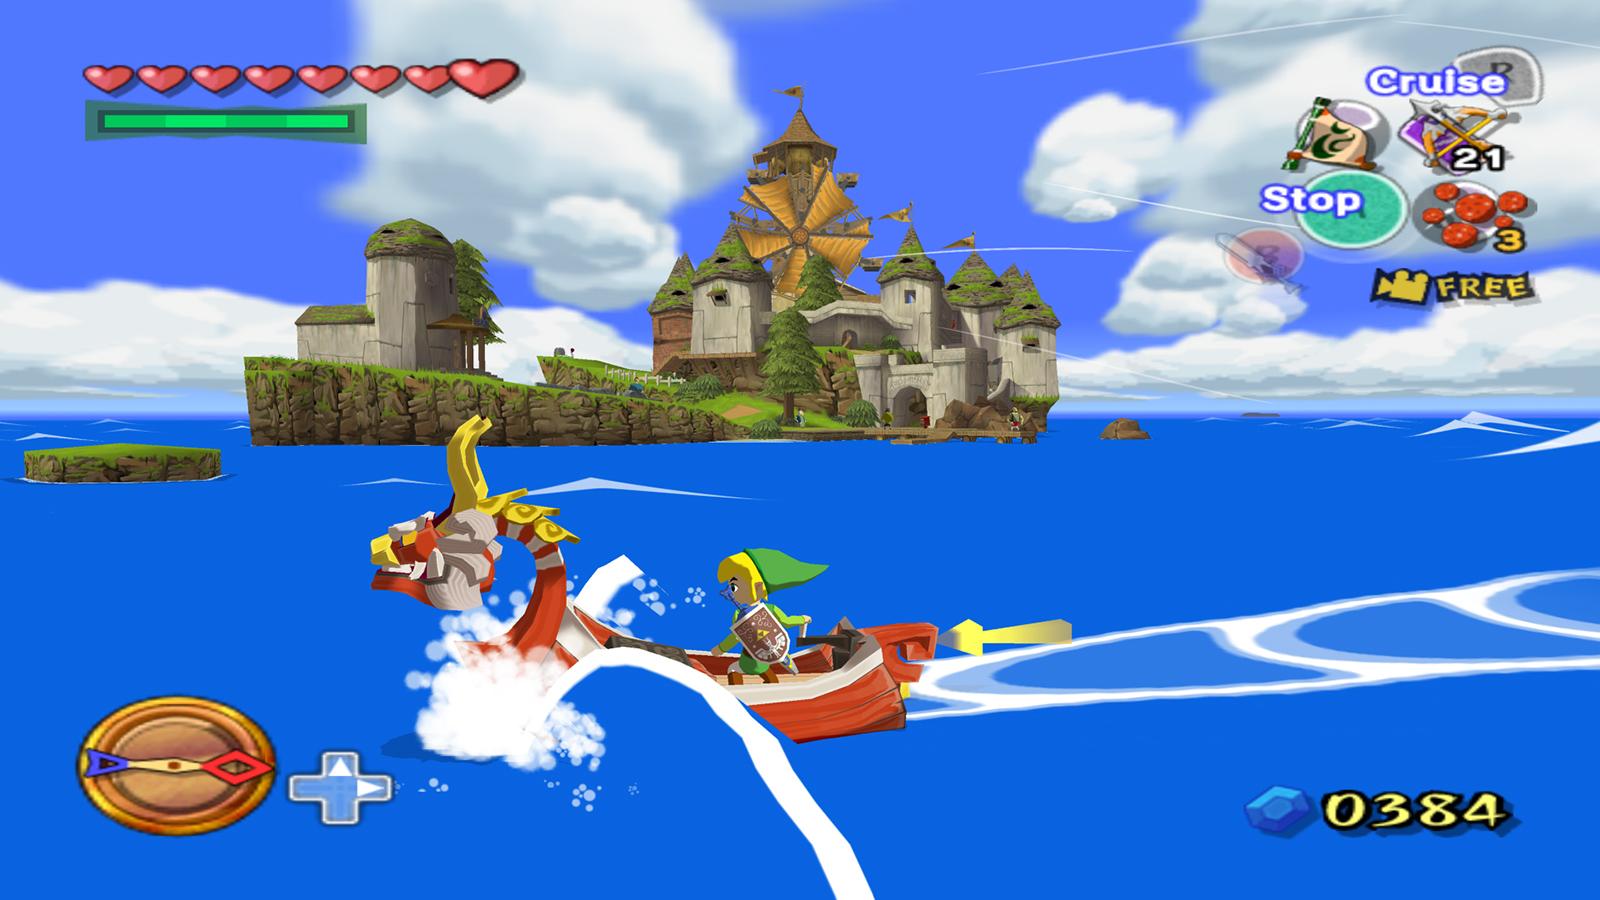 Top100 Video Games - the legend of zelda wind waker